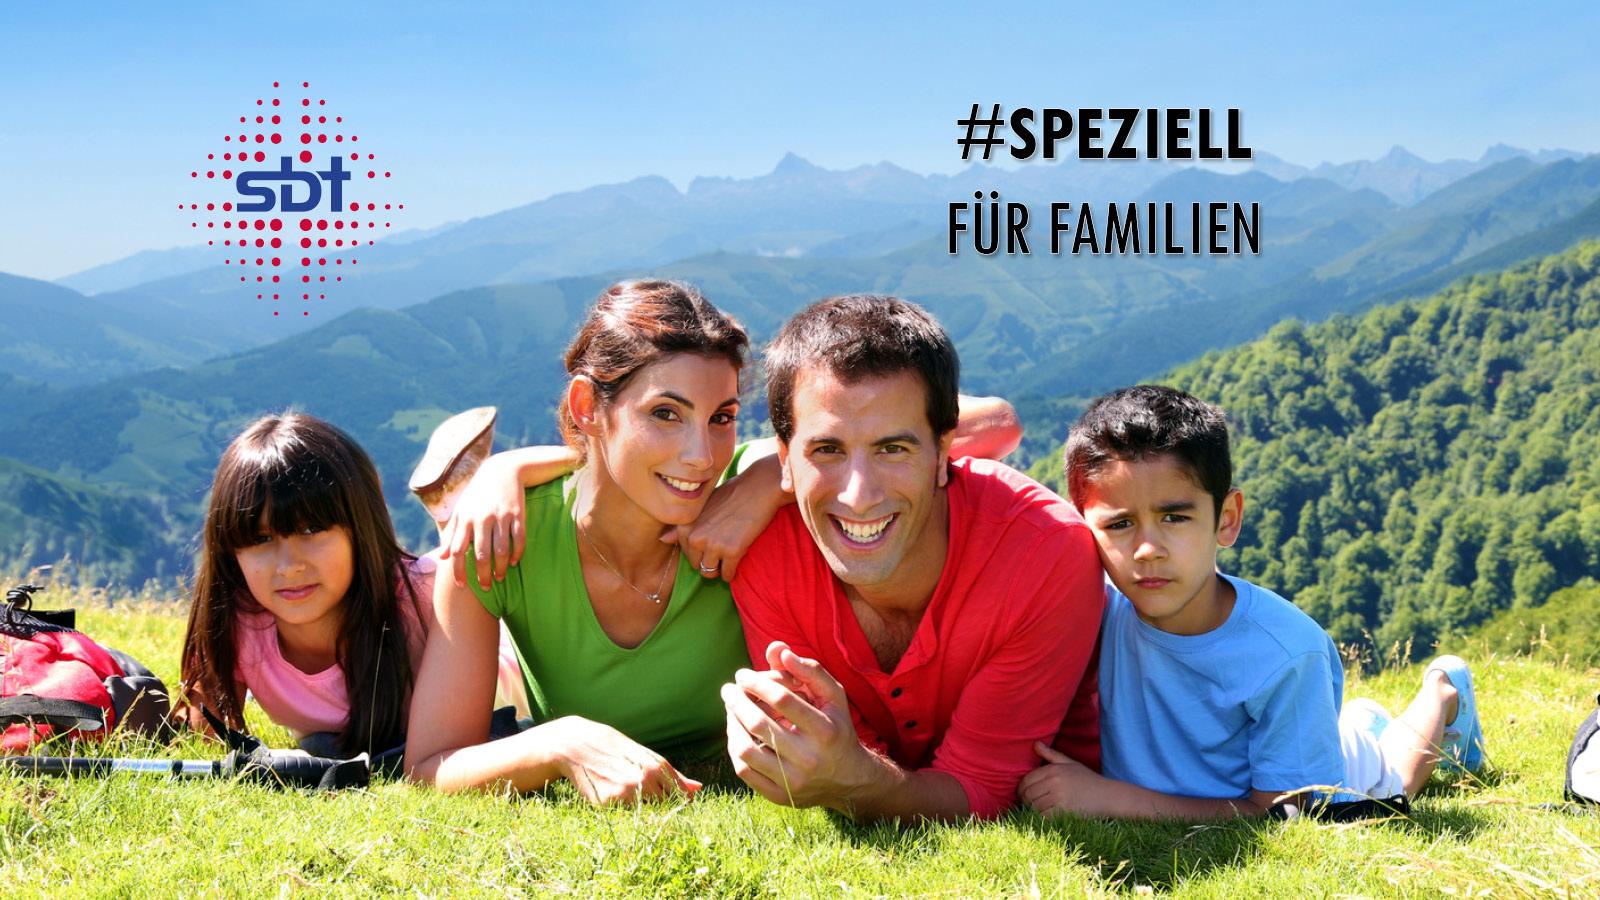 Ihre Familie ist uns wichtig!